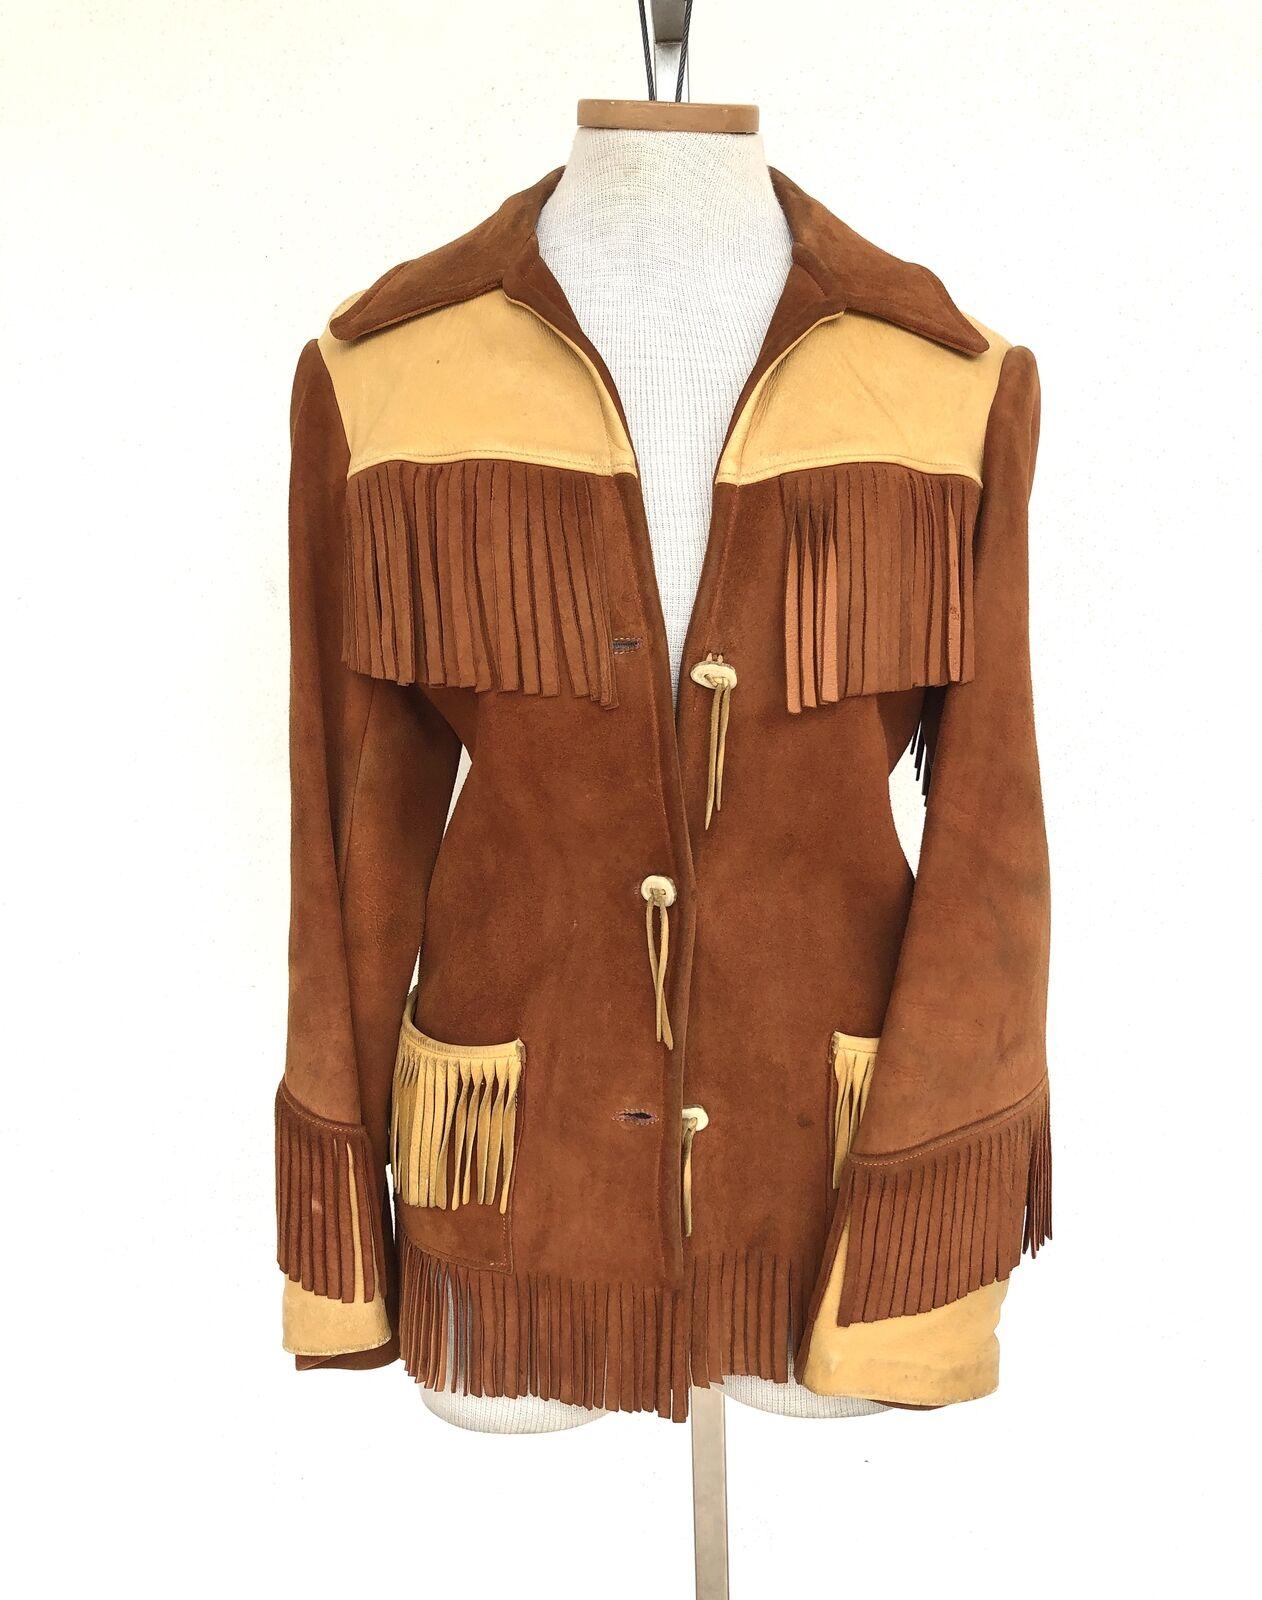 M 70s Western Fringe Suede Leather Vest Jacket Unisex Size S